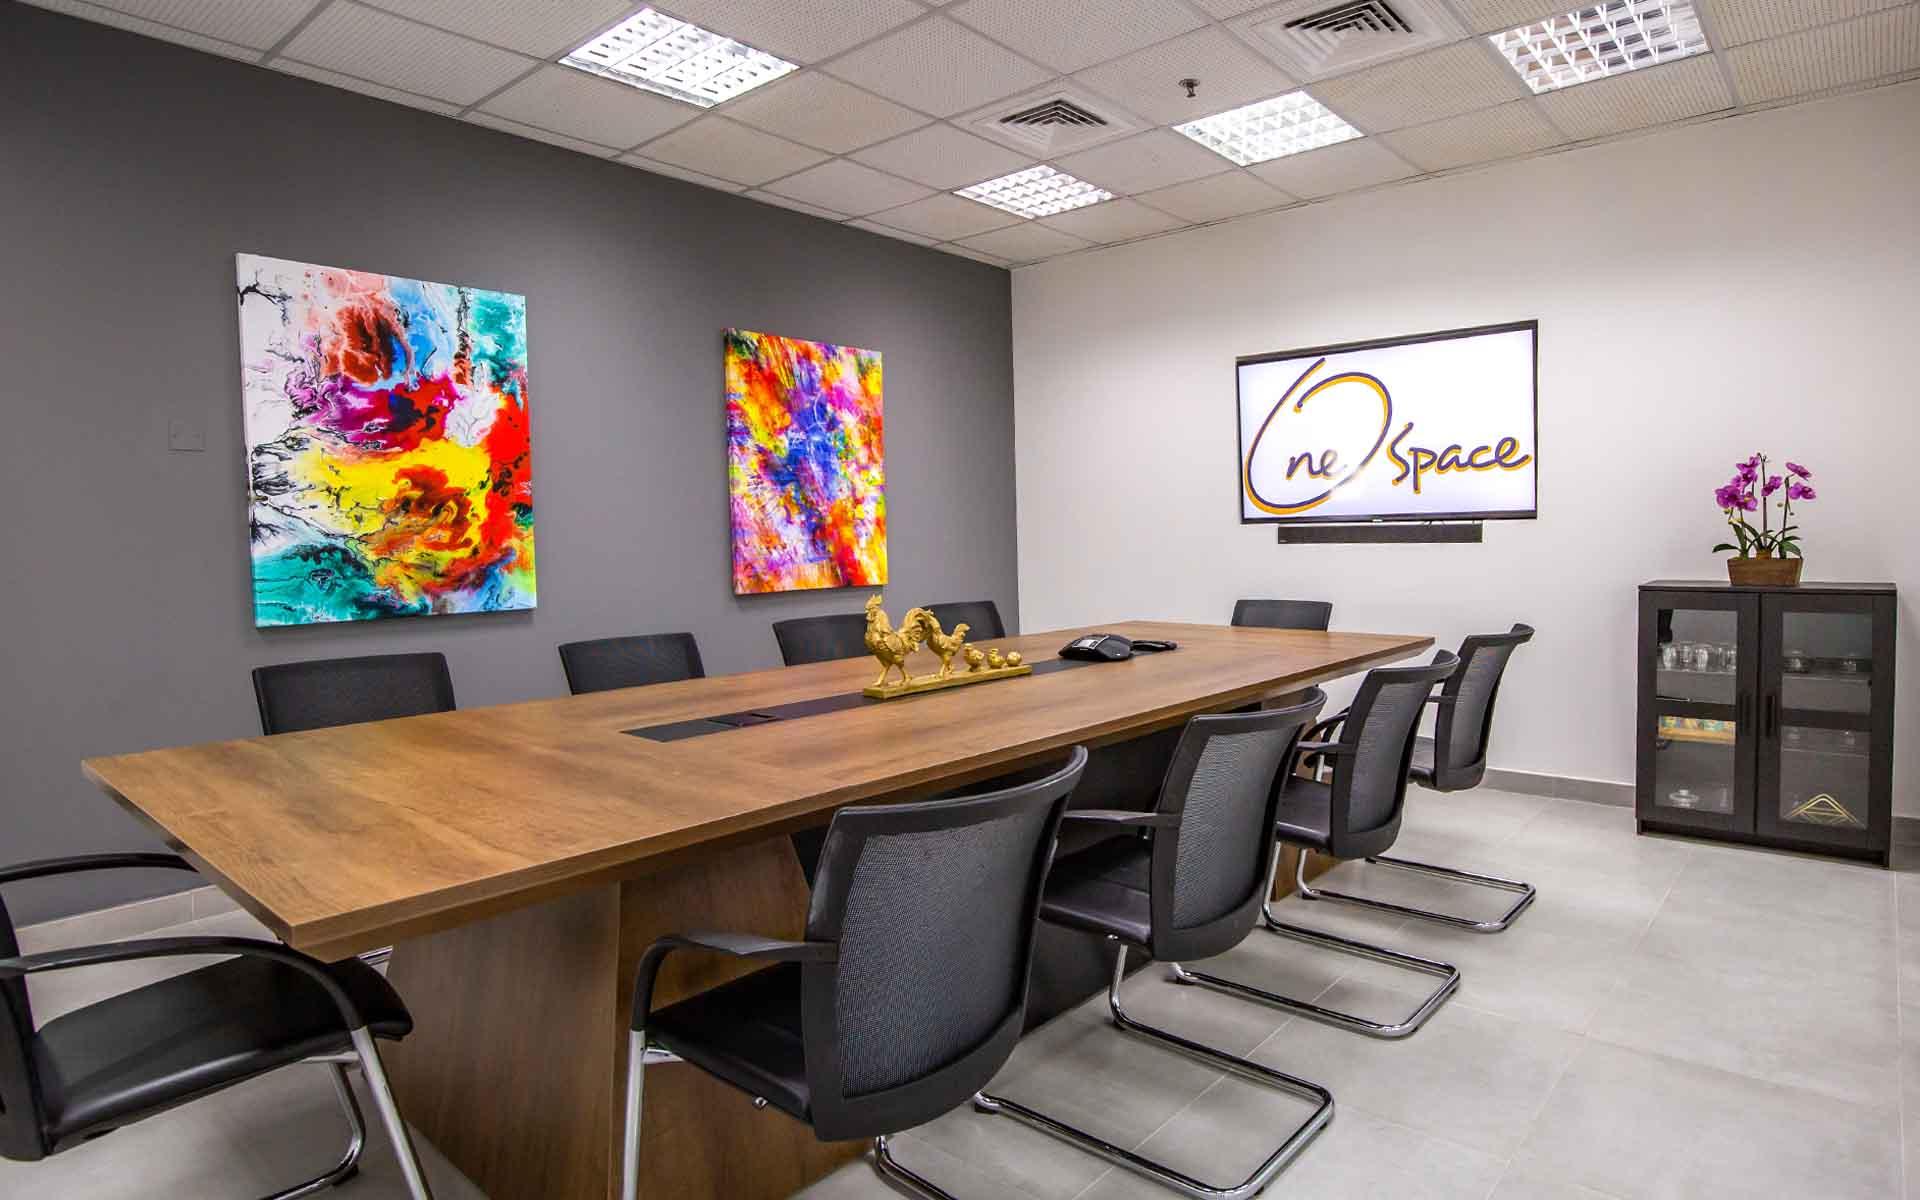 onespace gallery meeting room